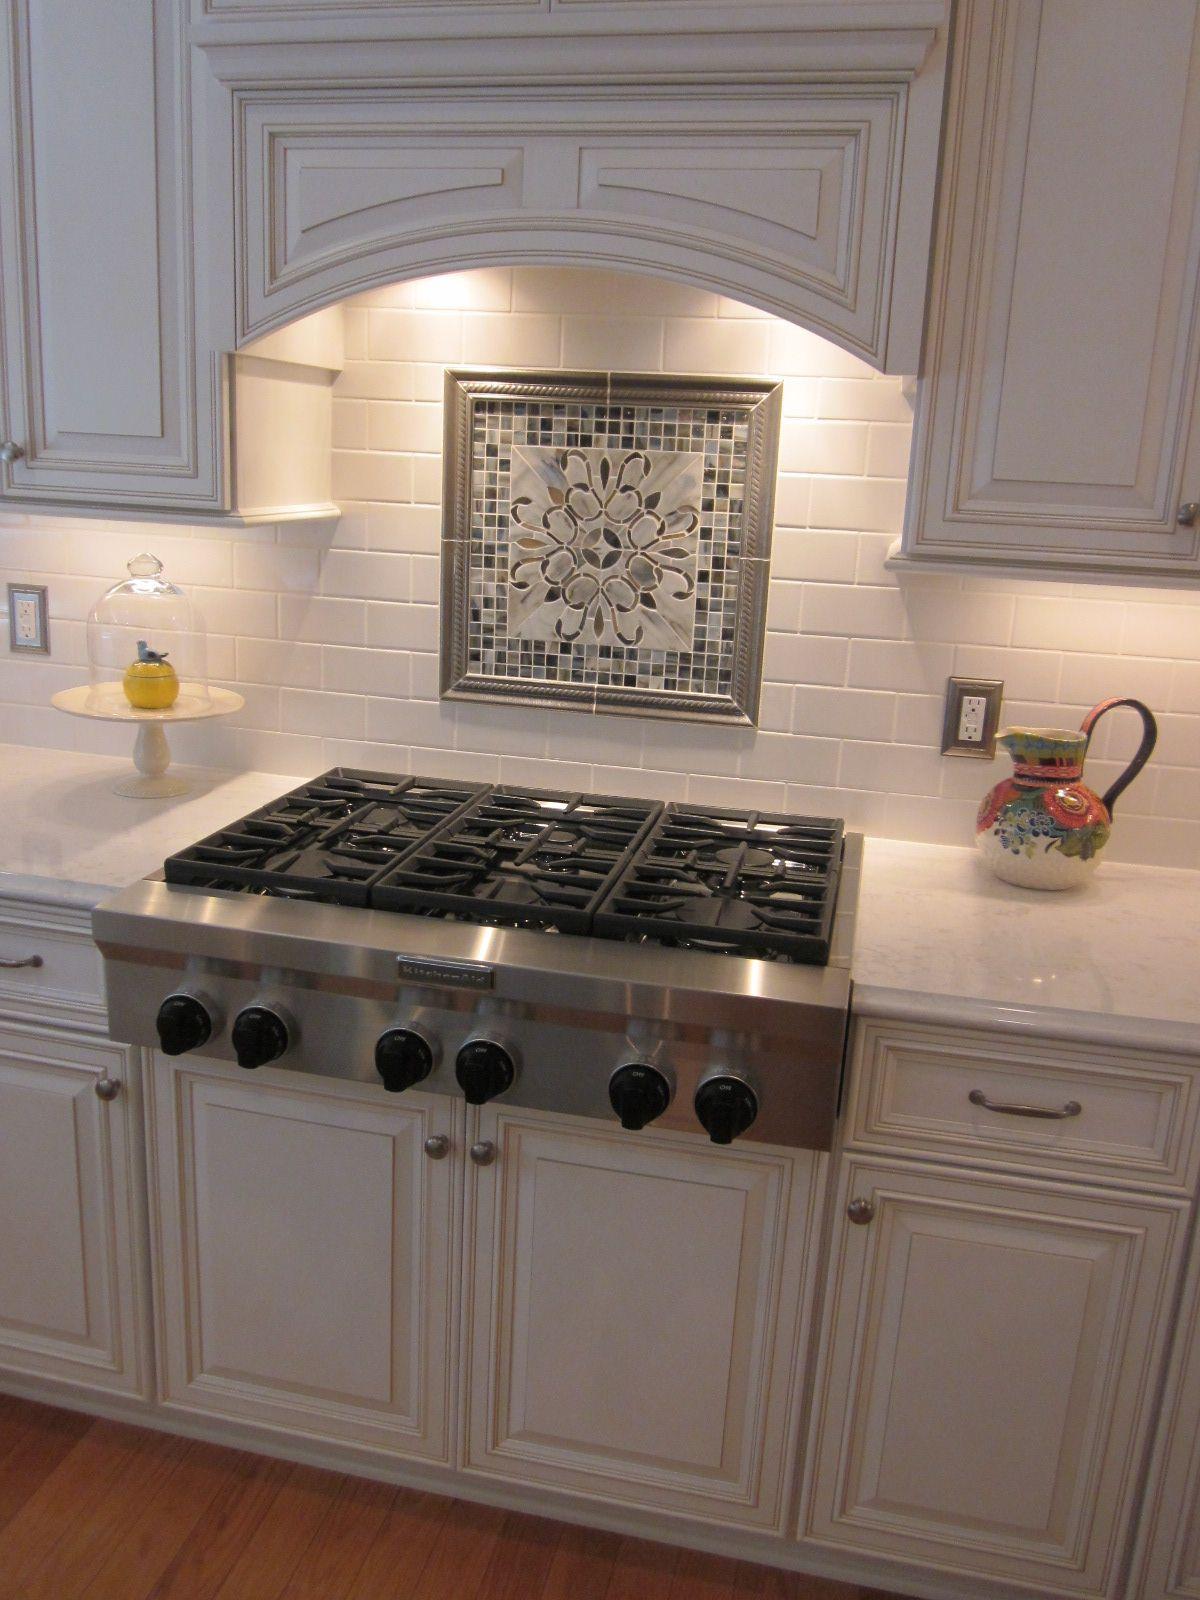 Decorative Tile Backsplashes In Hanover Pa In 2020 Kitchen